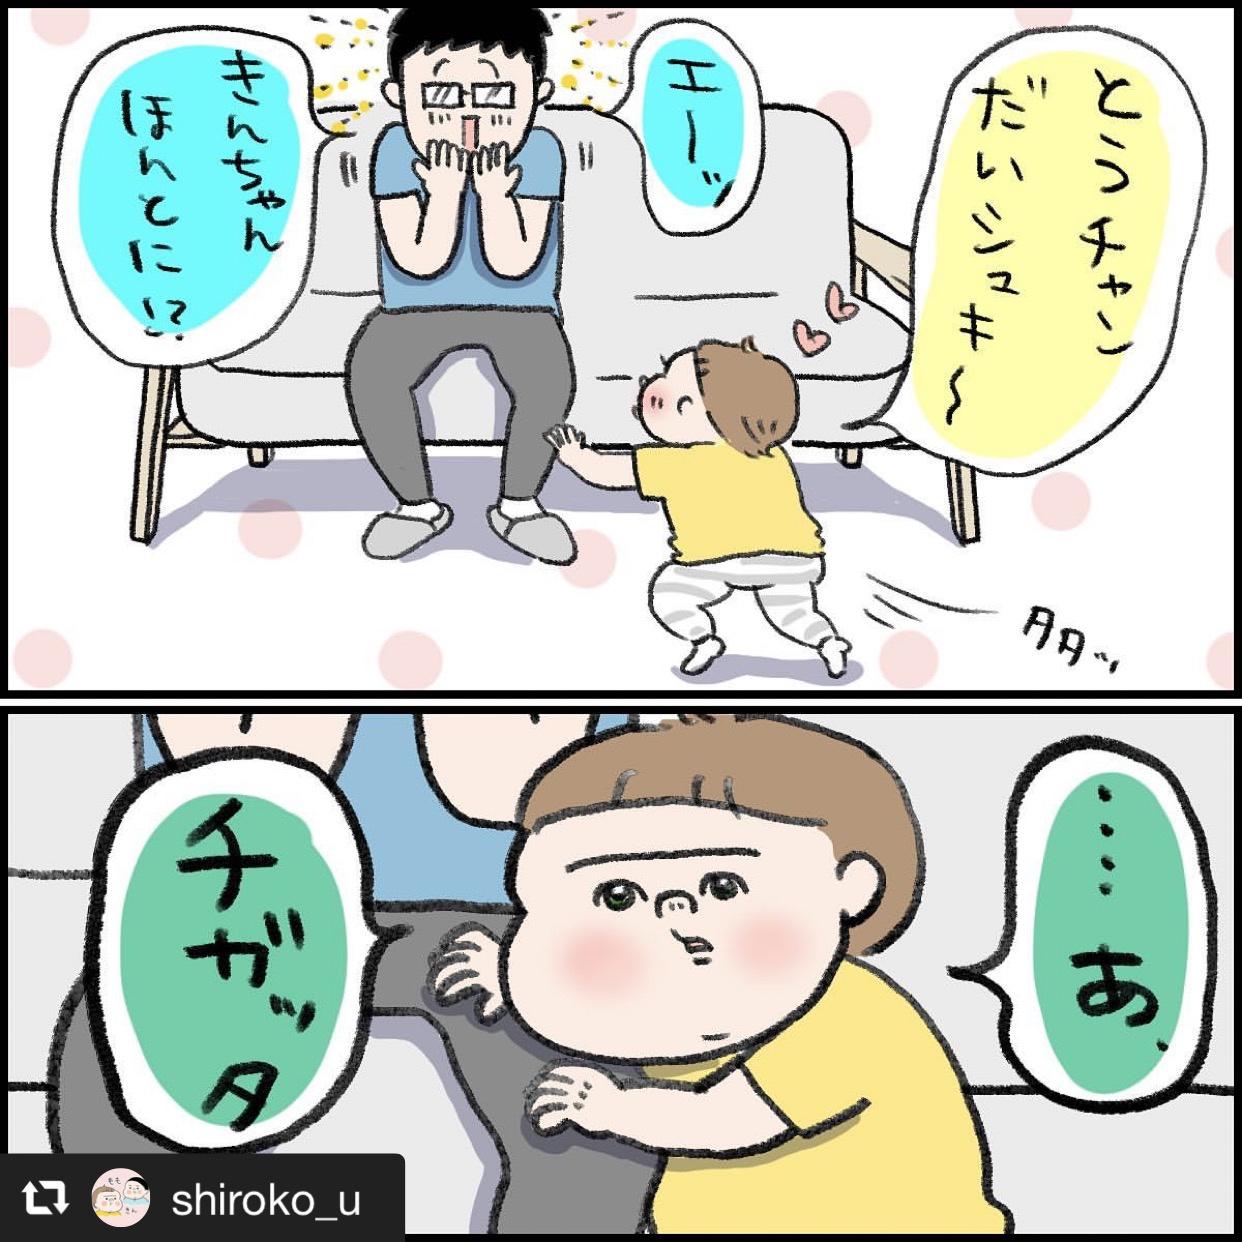 小悪魔ボーイ金ちゃん 画像1